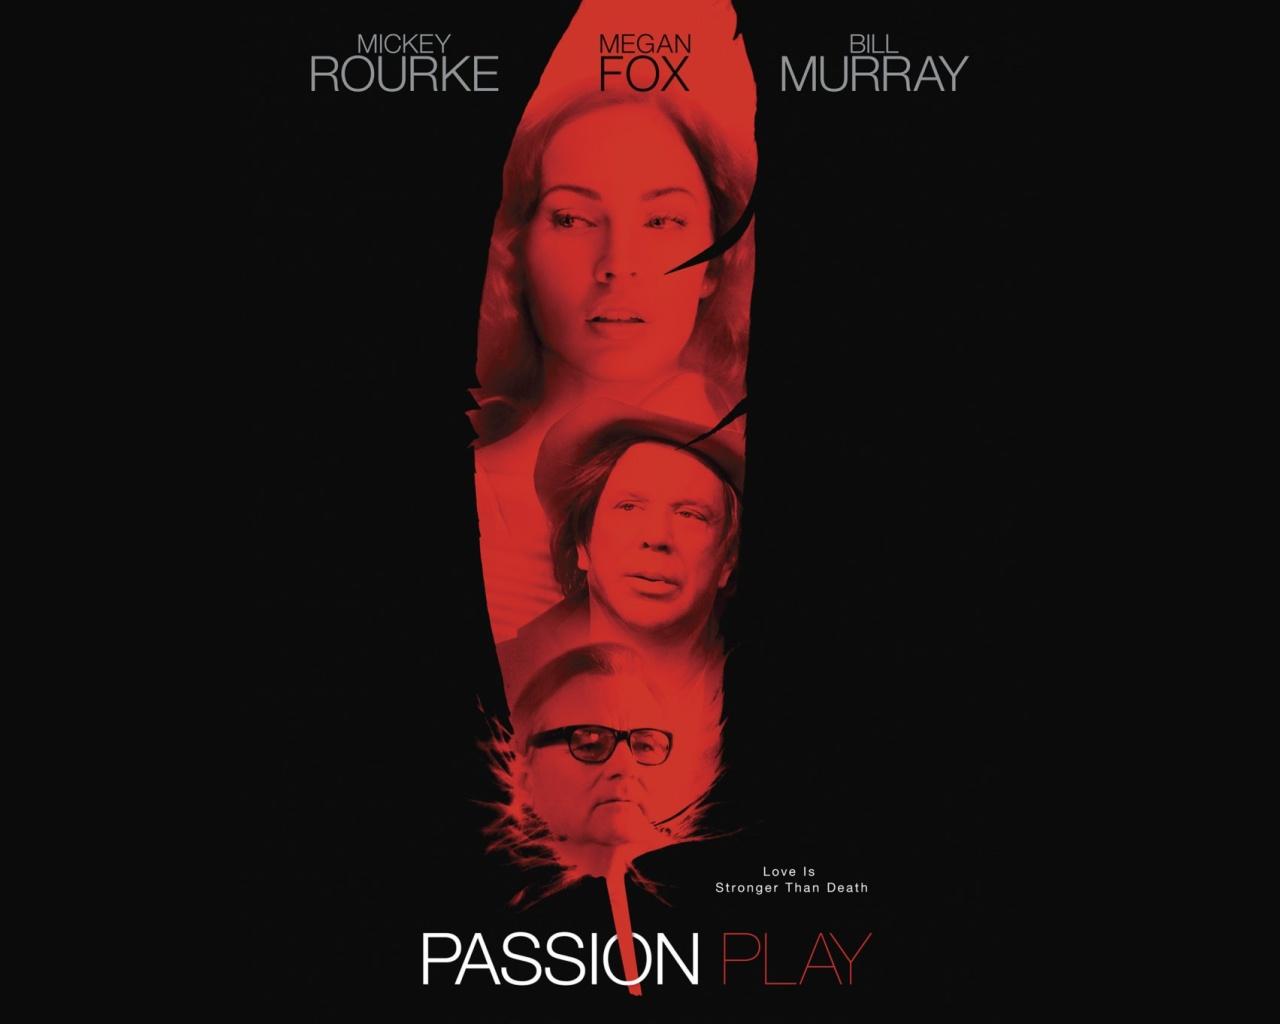 http://1.bp.blogspot.com/-BQNkXQz-Y84/Tvw0TriCx7I/AAAAAAAACjE/ovsd9hQU8aE/s1600/Passion-Play-Wallpaper-01.jpg